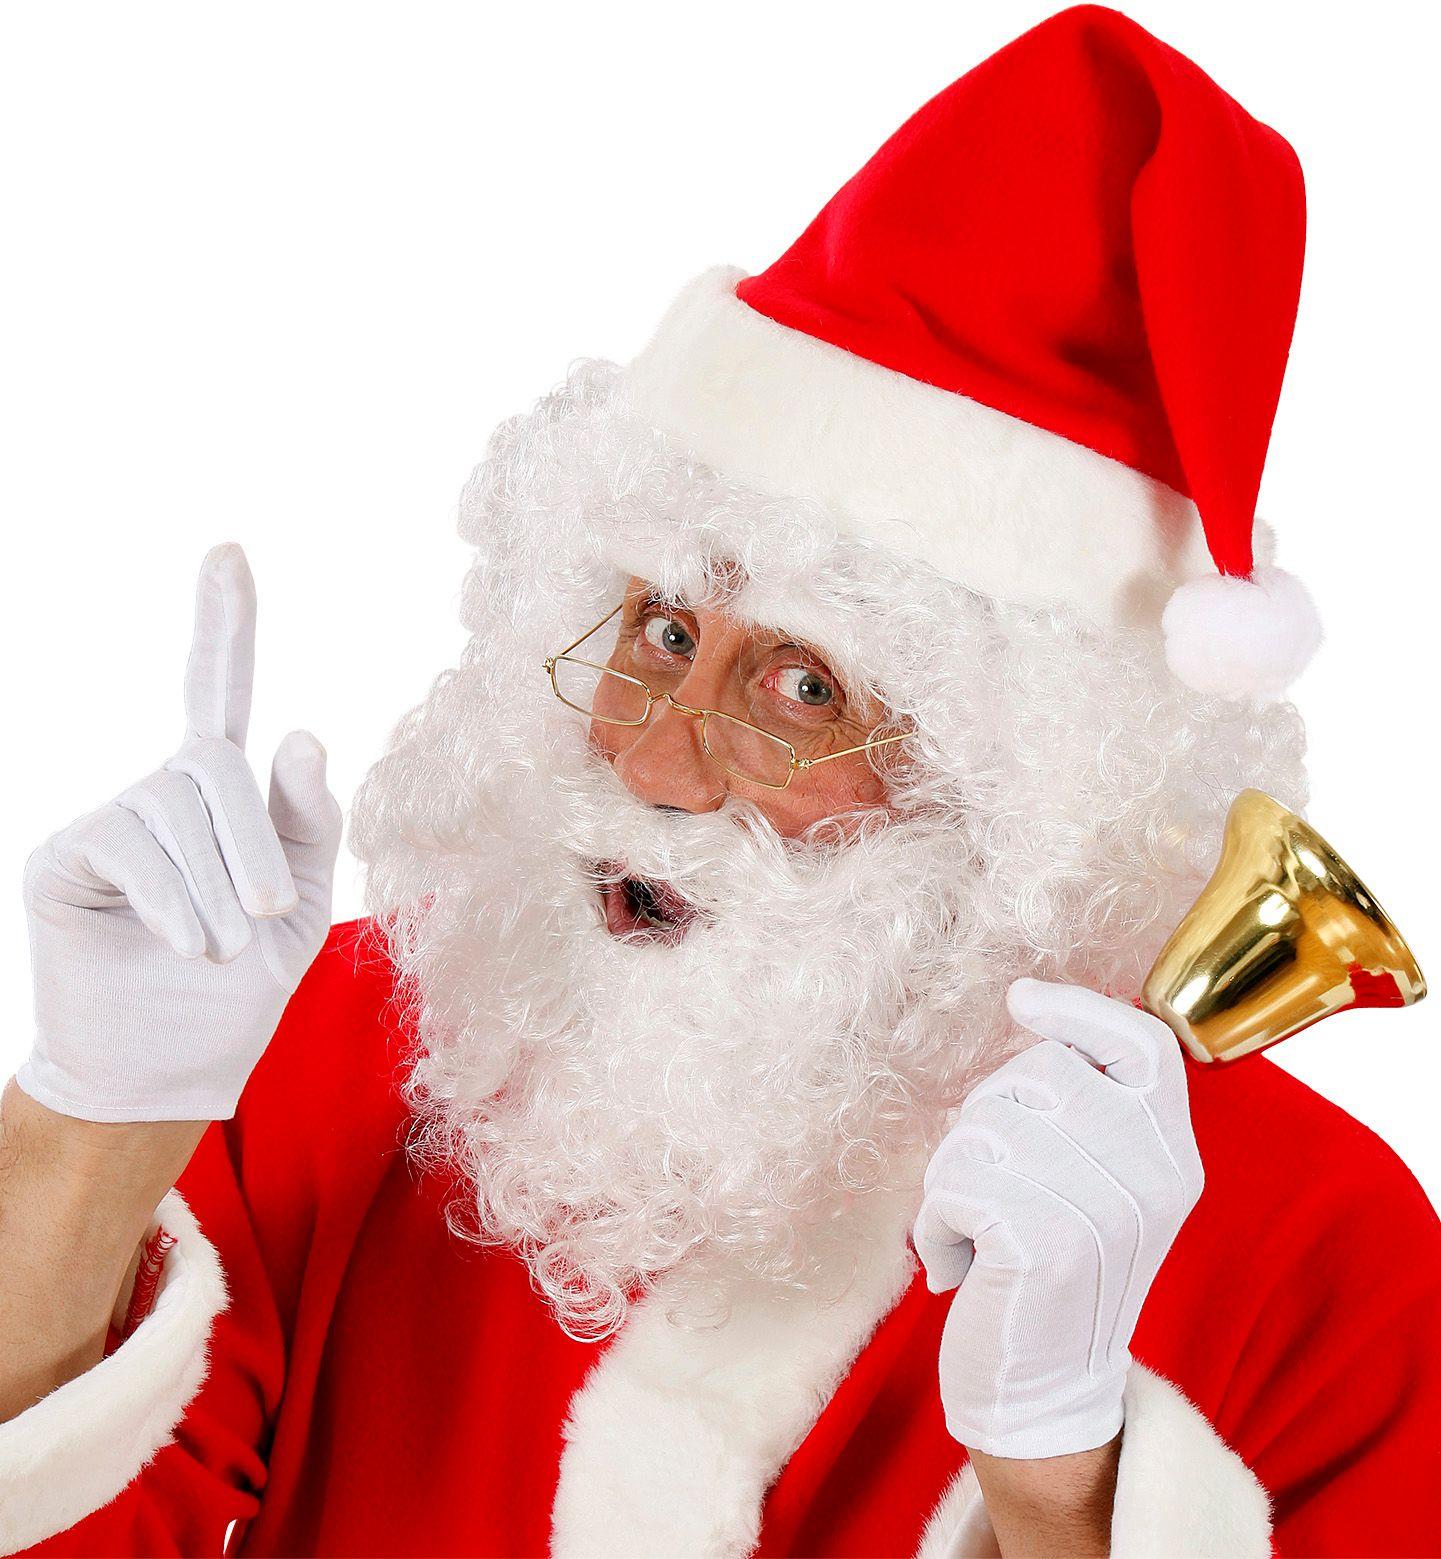 Kerstman pruik met baard en wenkbrauwen